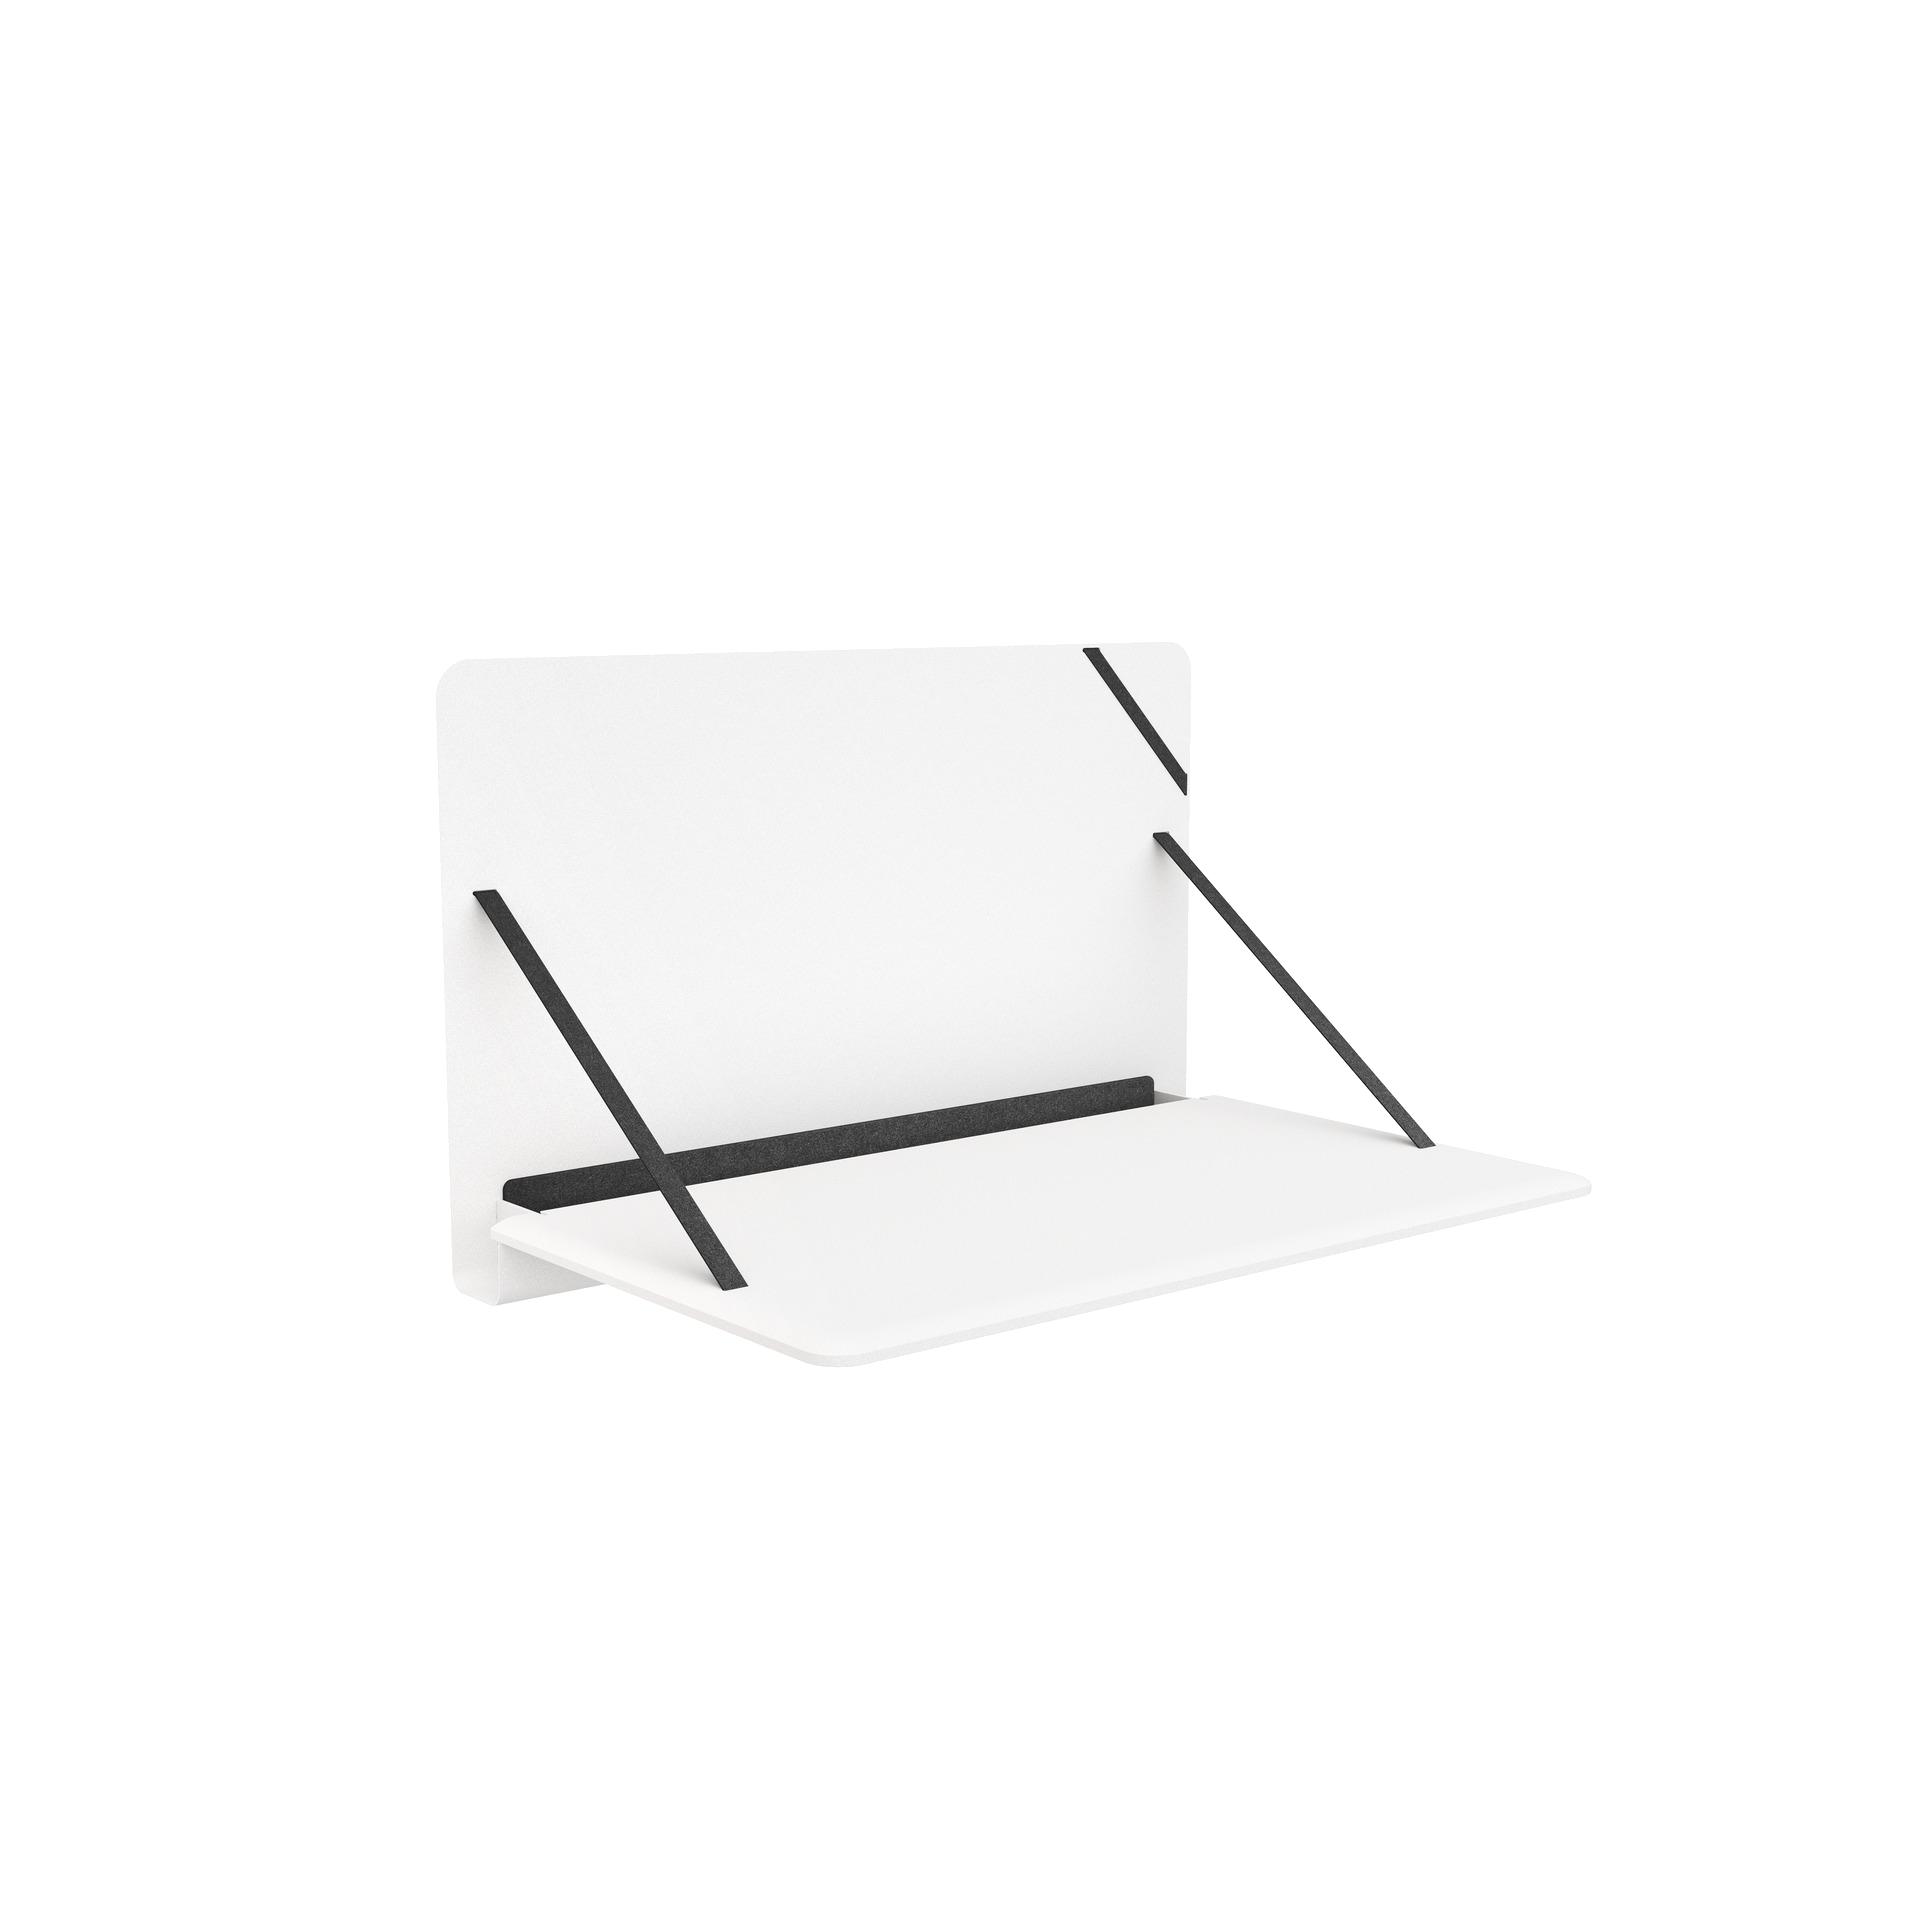 Brunner_notebook_9032_offen_weiß_schwarz_ohne_Schatten_auf_weiß